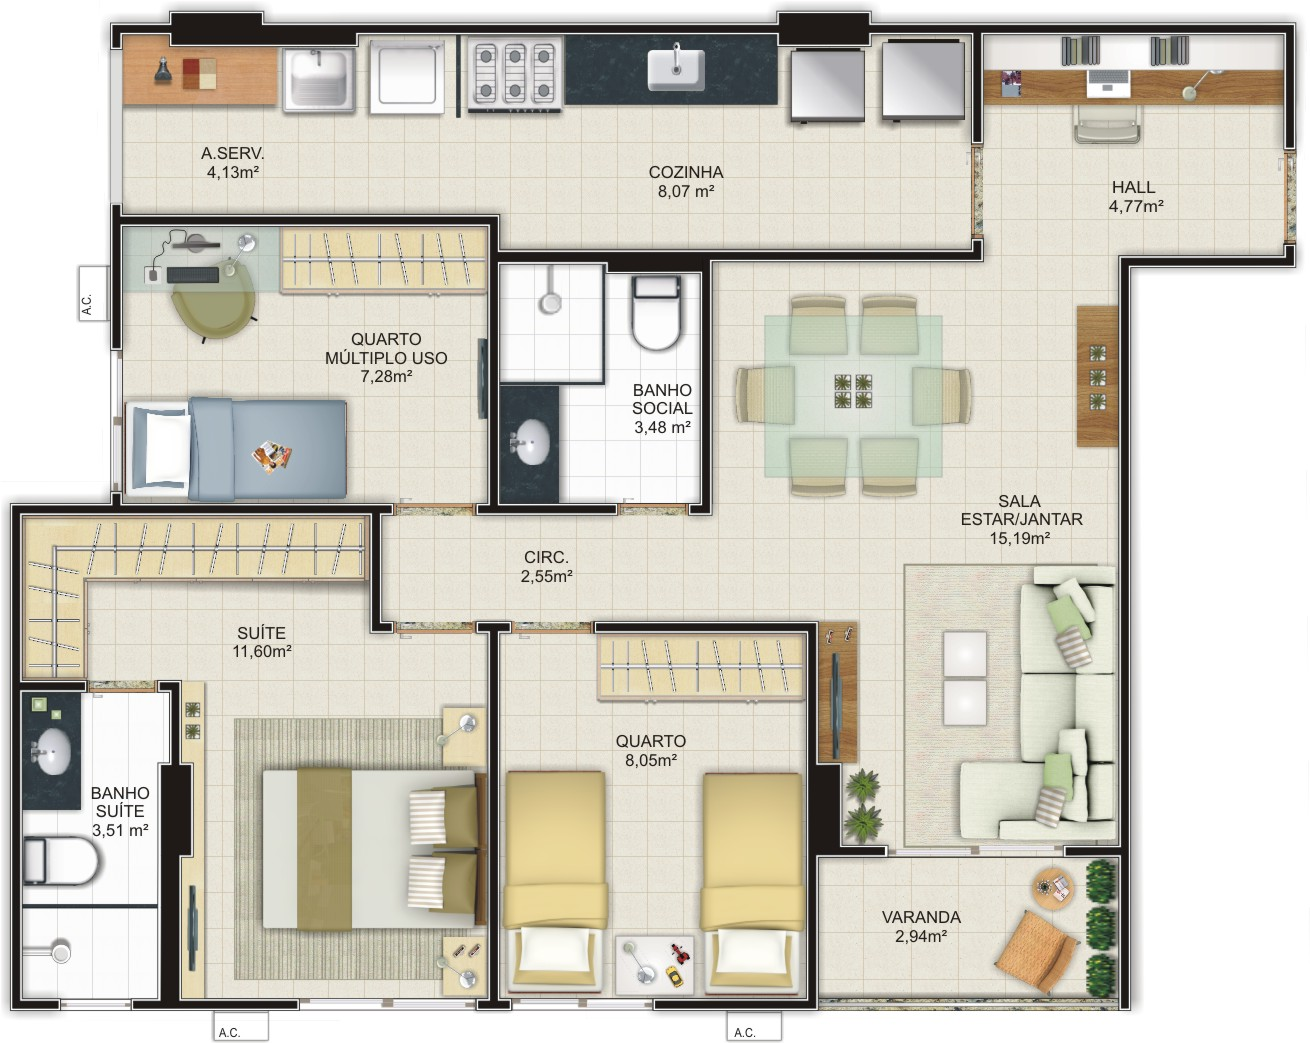 Plantas de casas com 3 quartos fotos Decorando Casas #886B43 1310 1043